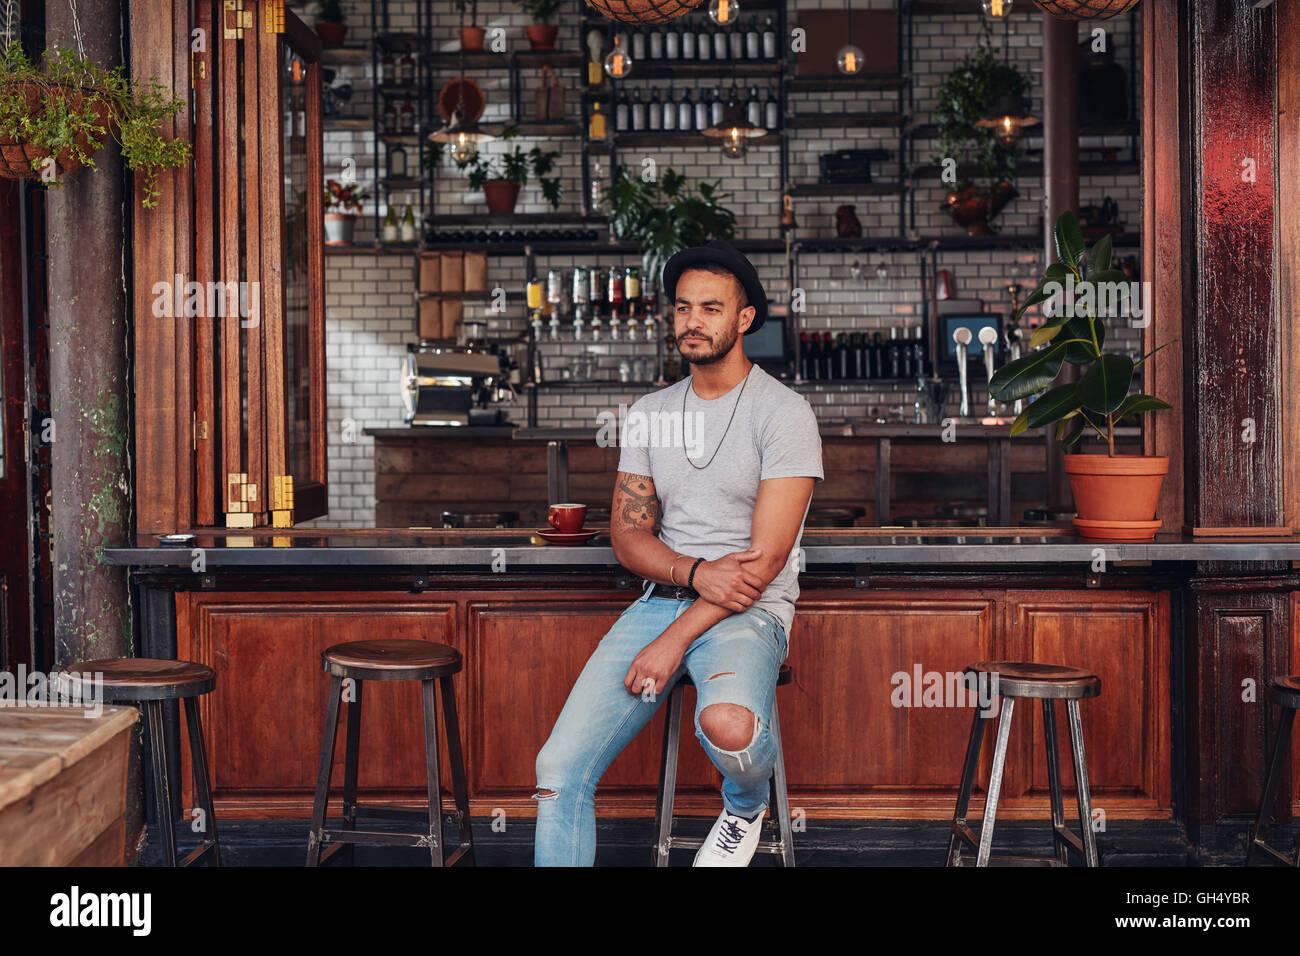 Retrato de malestar joven sentada sola en un café de contador. Moderno caucásico joven hombre mirando Imagen De Stock